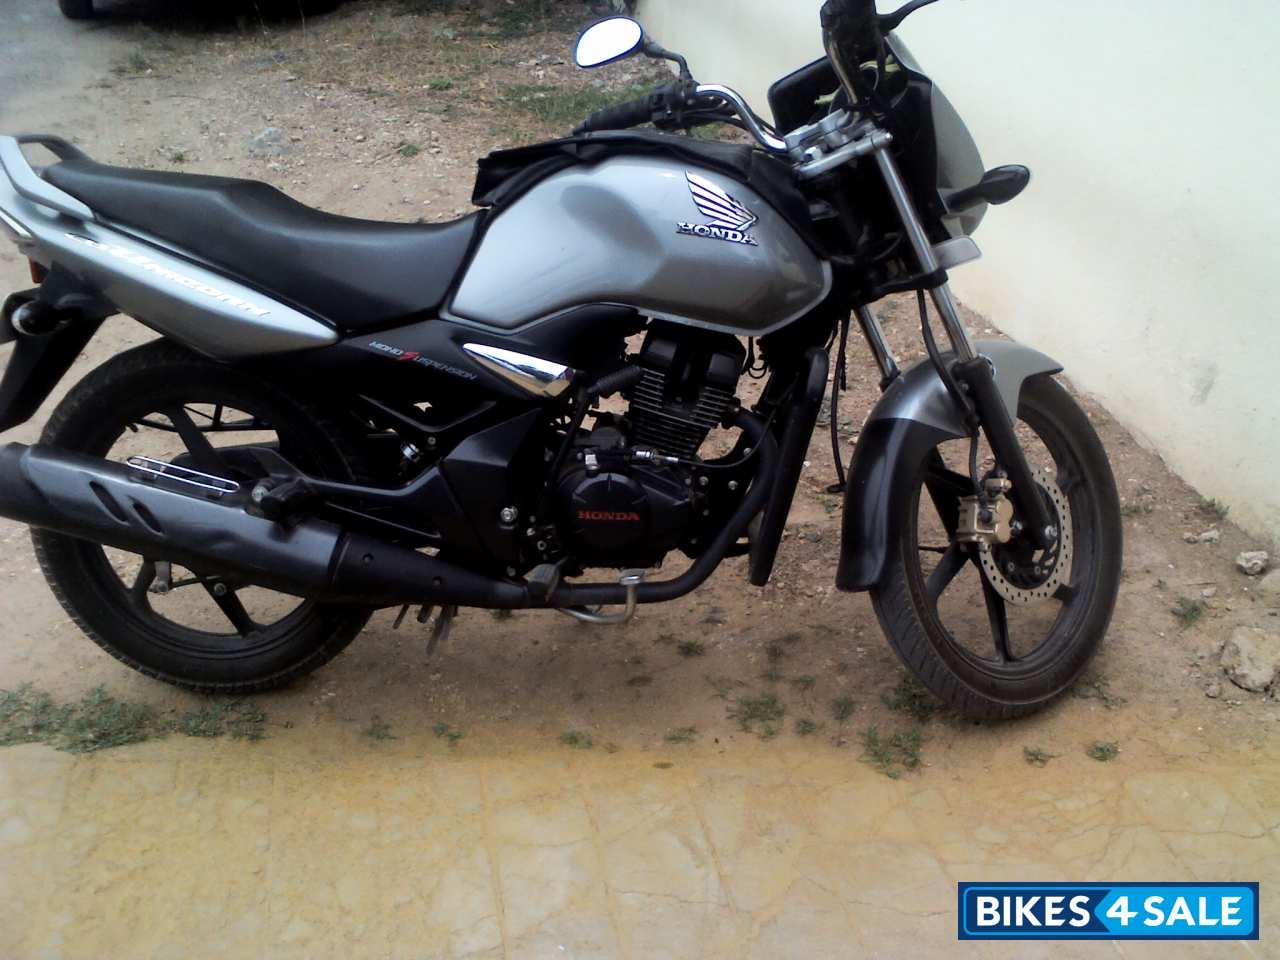 Second hand Honda Unicorn in Coimbatore. Very good ...